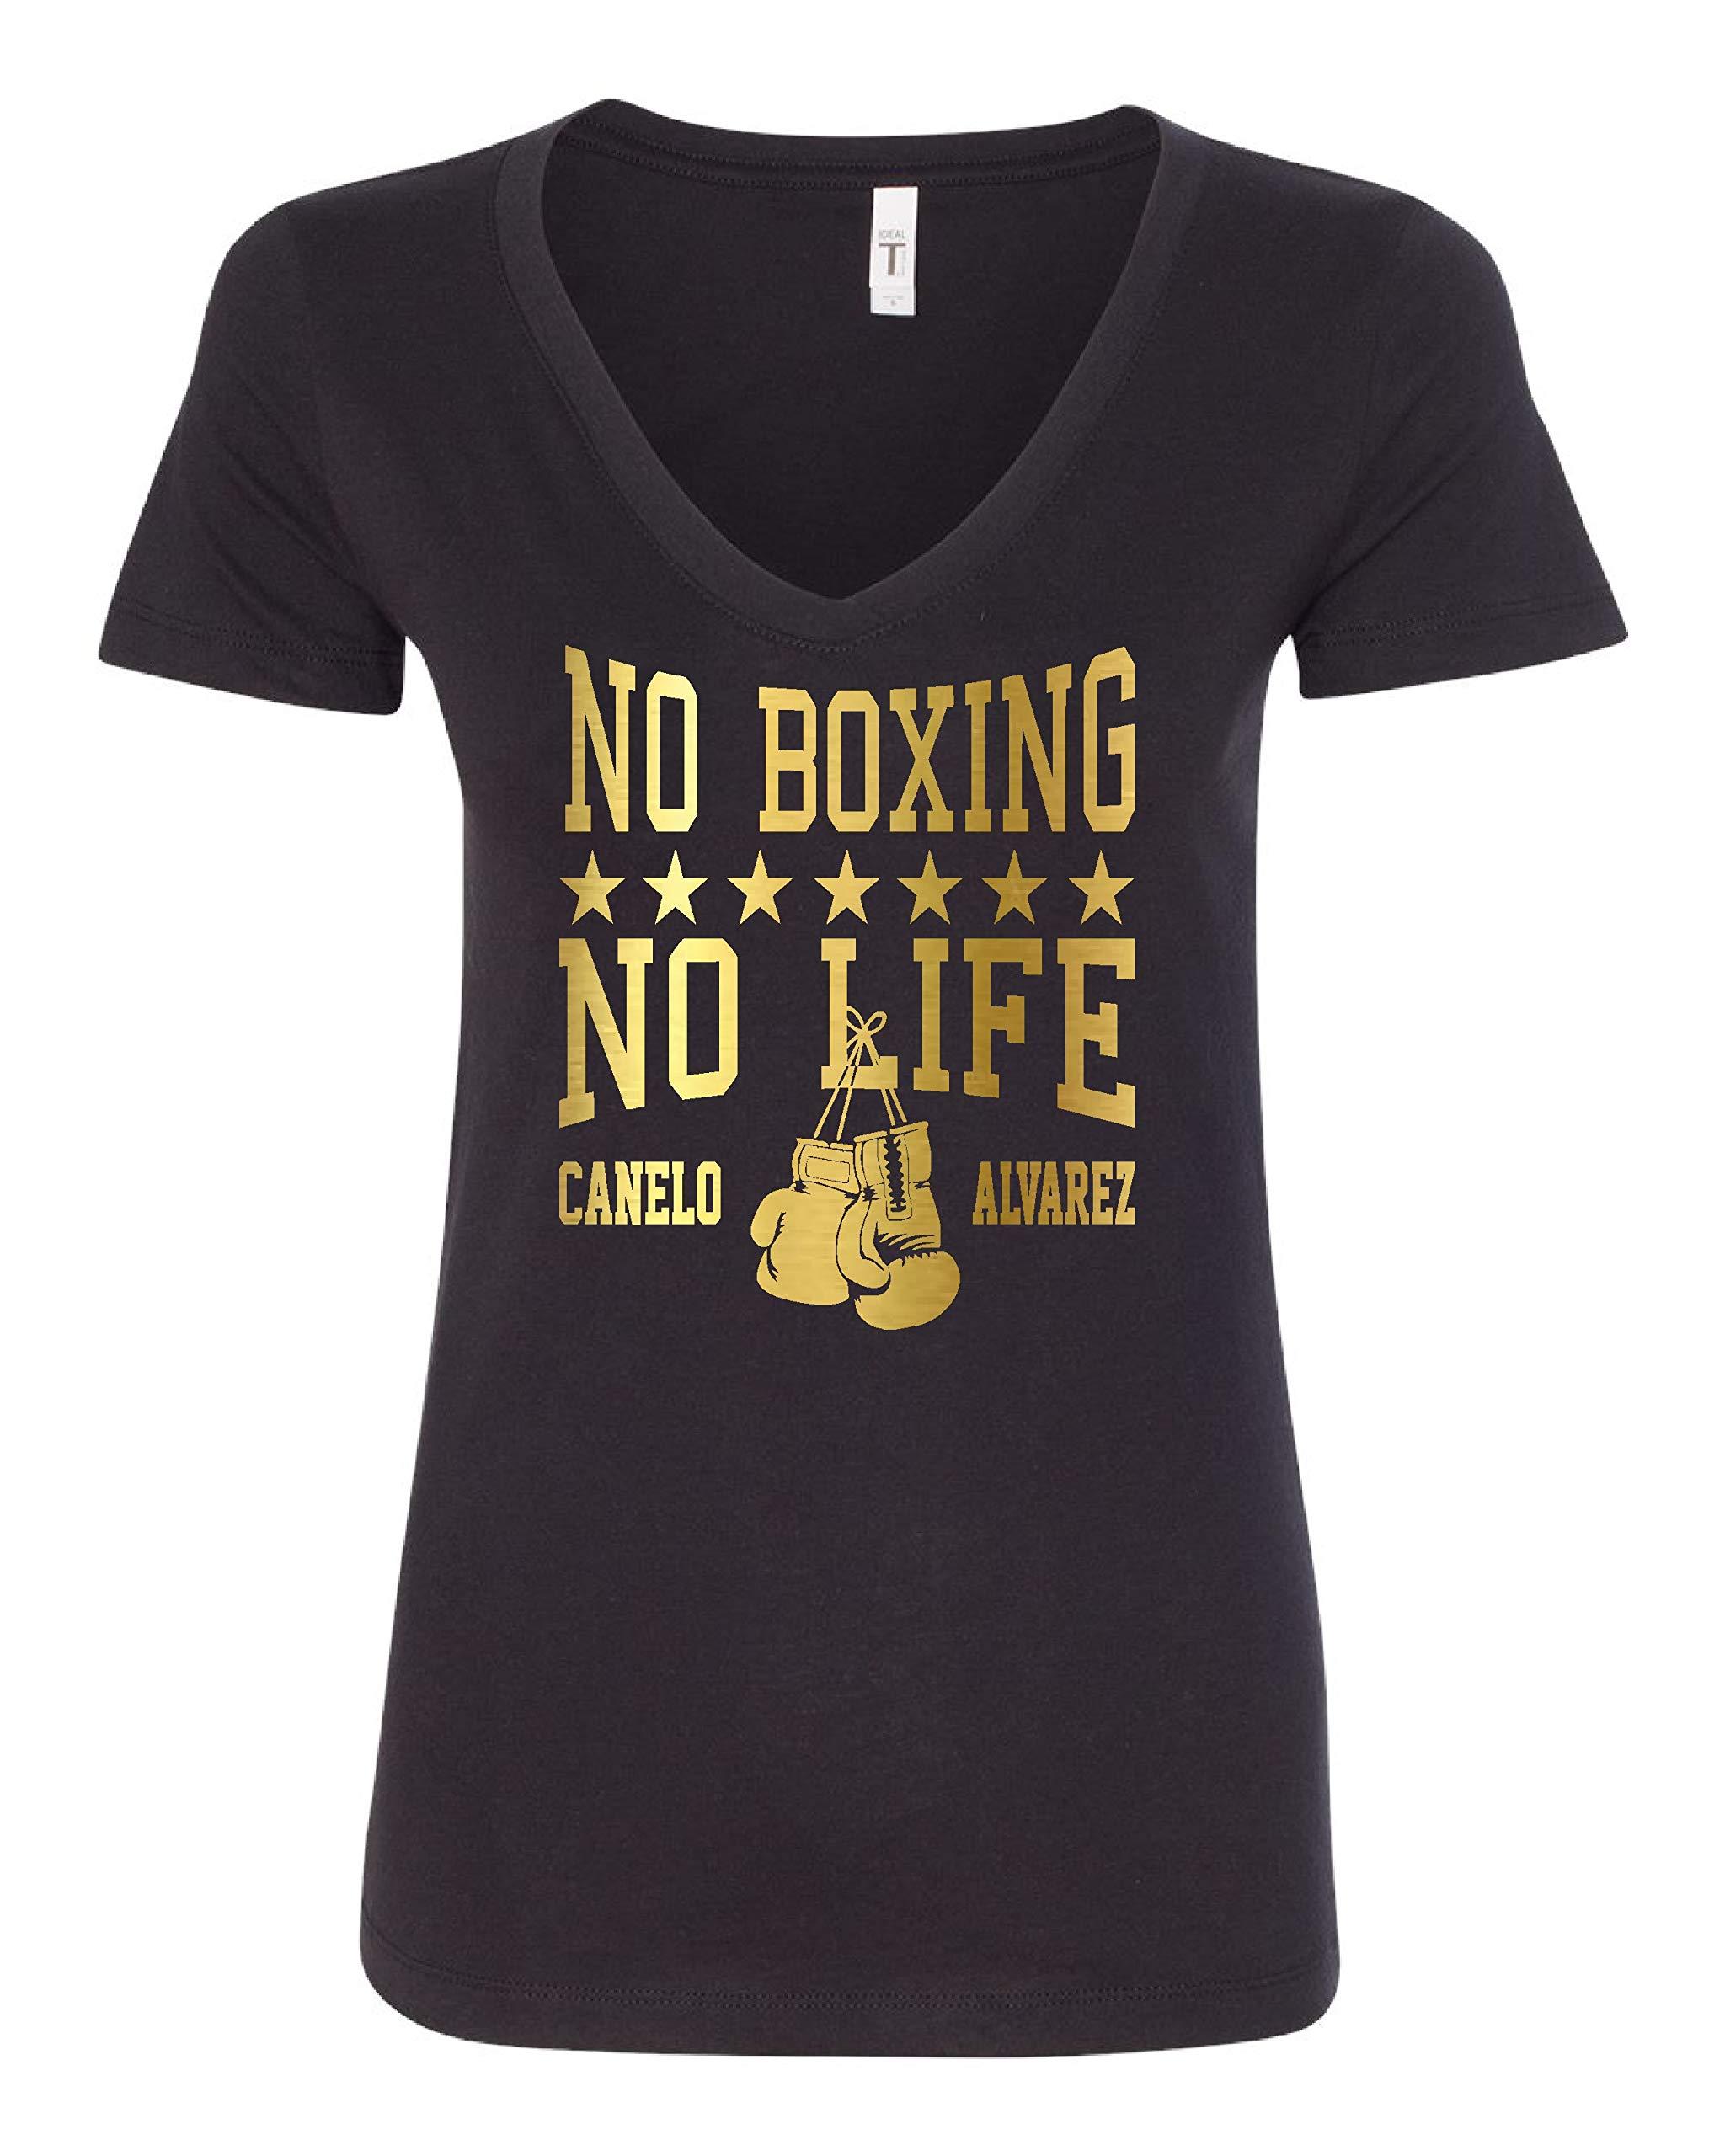 Canelo No Boxing No Life Shirts